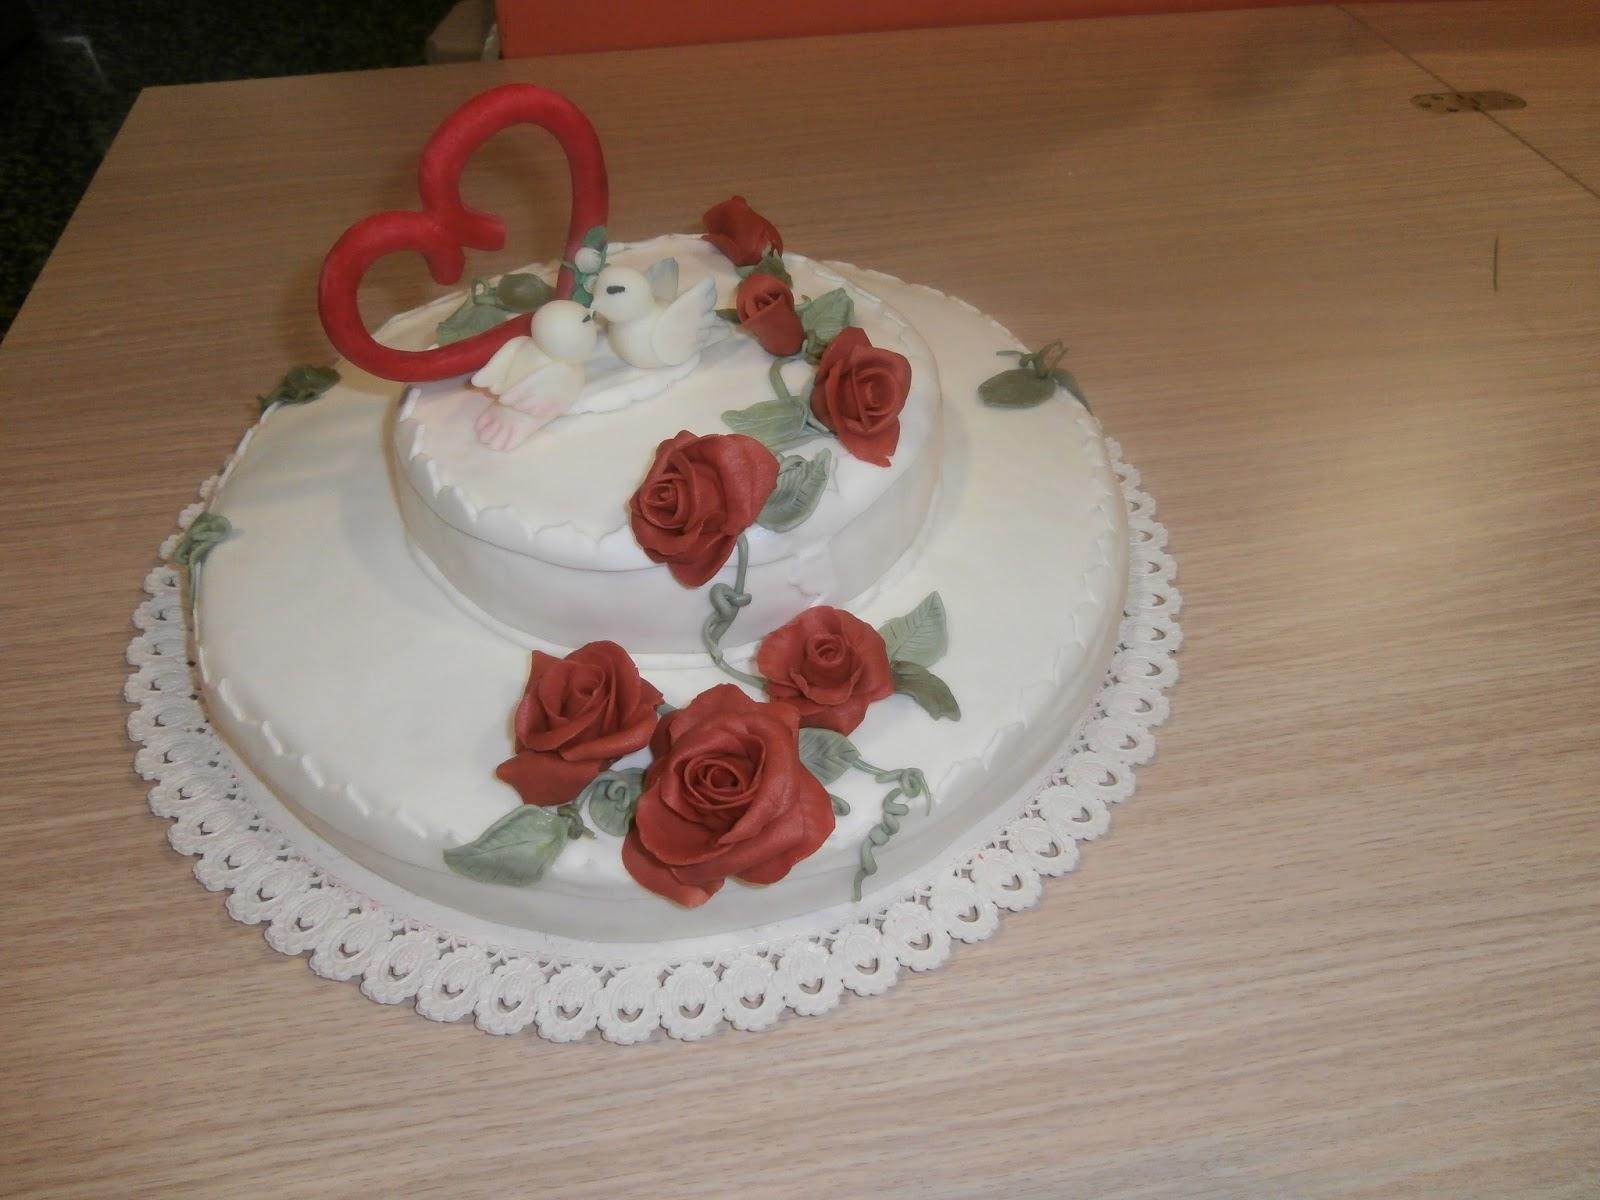 Favorito vaniglia viole e cannella: torta a due piani per 50 anni di matrimonio HF94